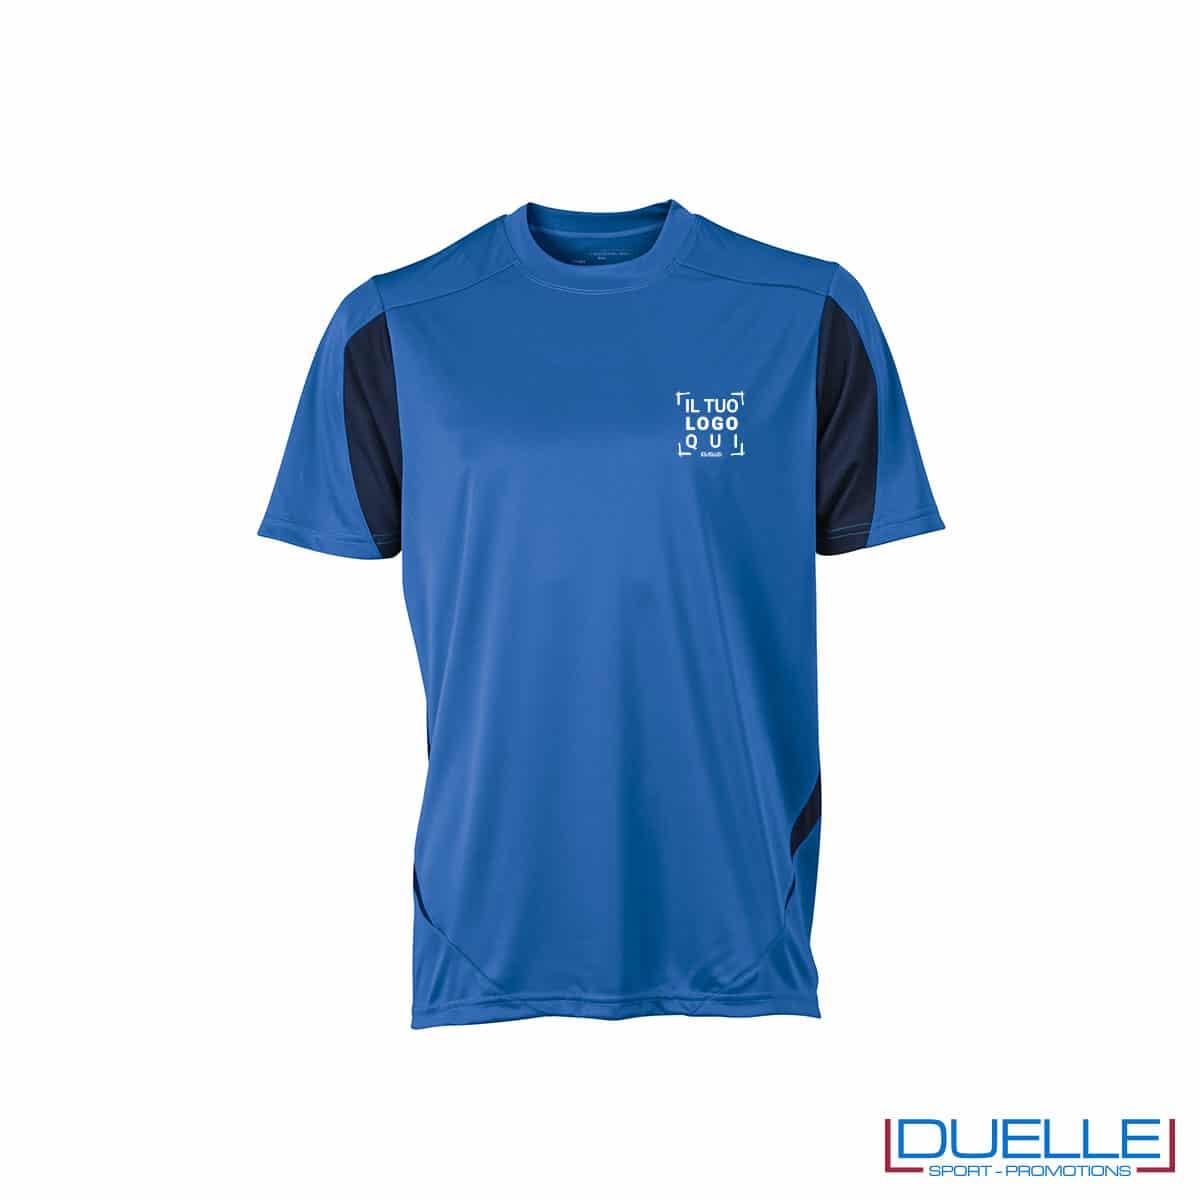 Maglia calcio colore azzurro-blu navy promozionale